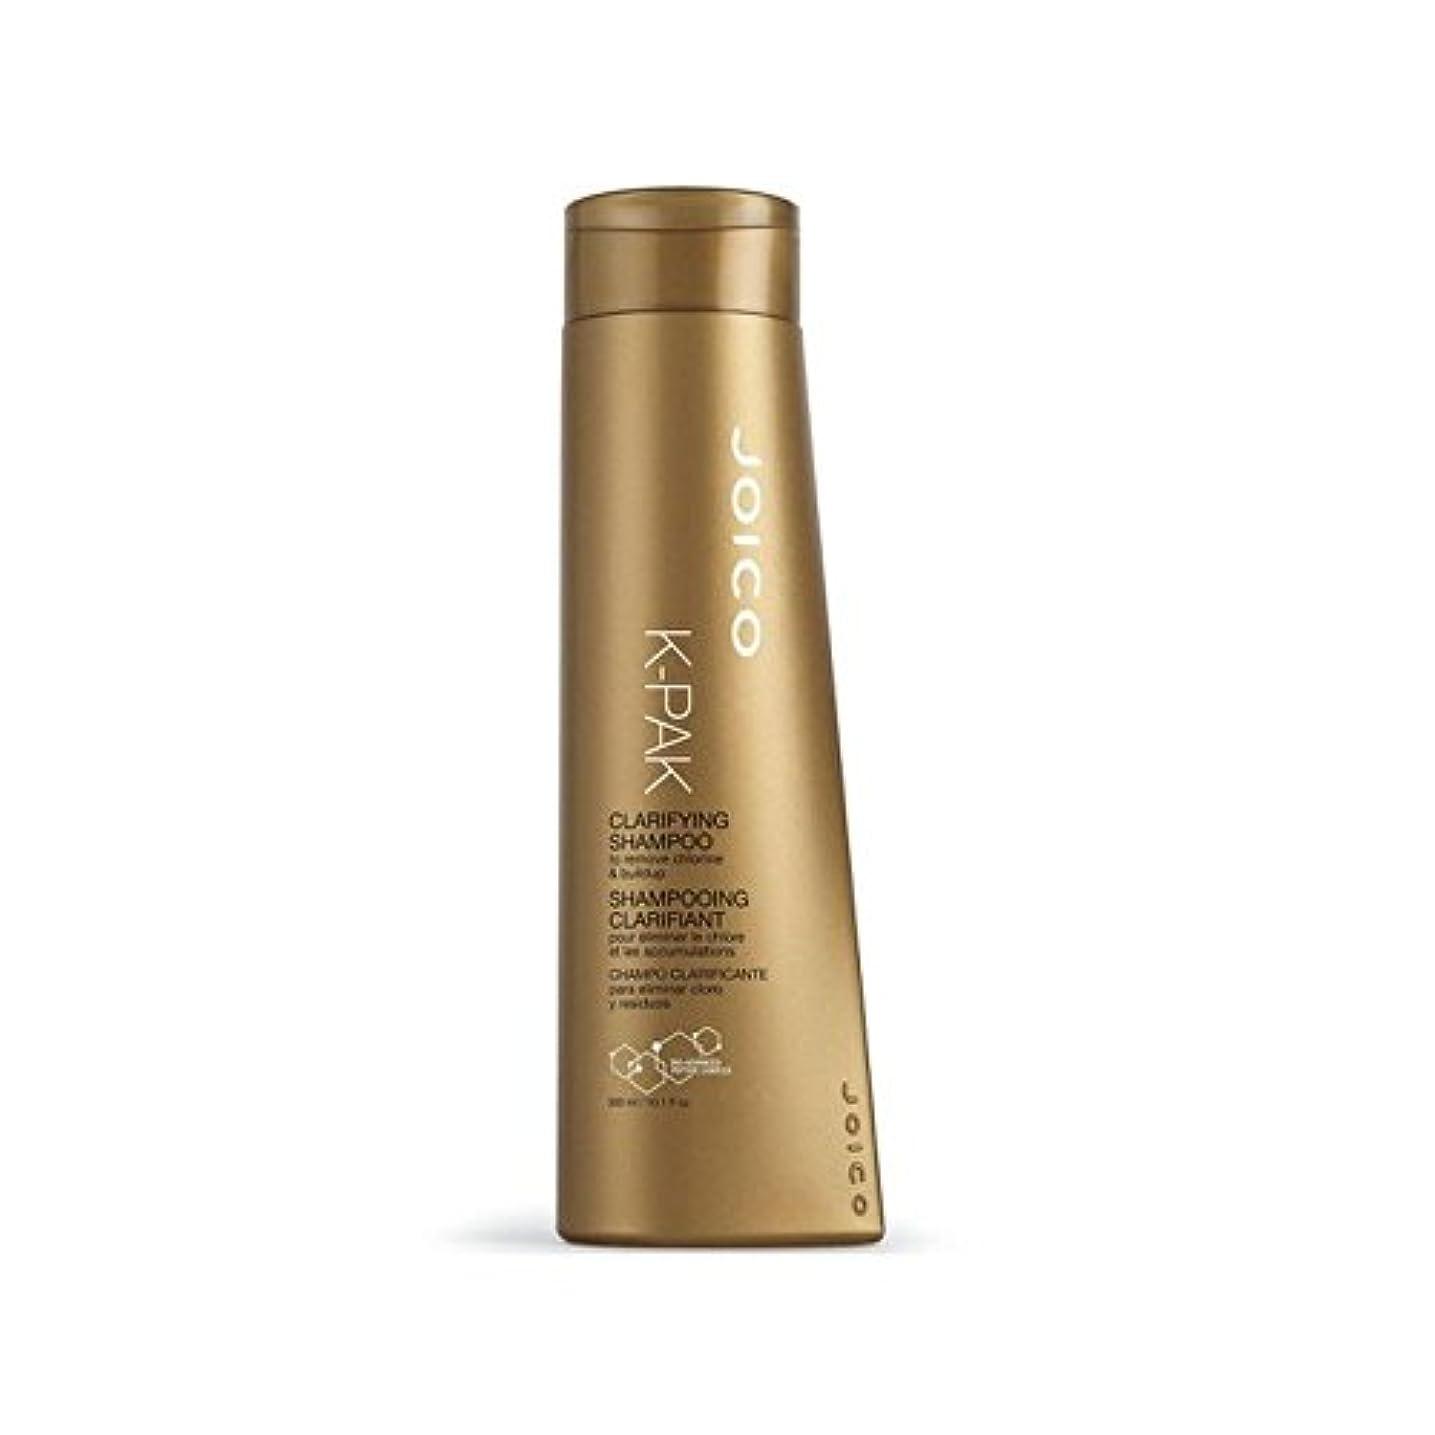 黄ばむ筋コンパスJoico K-Pak Clarifying Shampoo (300ml) - ジョイコ-明確シャンプー(300ミリリットル) [並行輸入品]